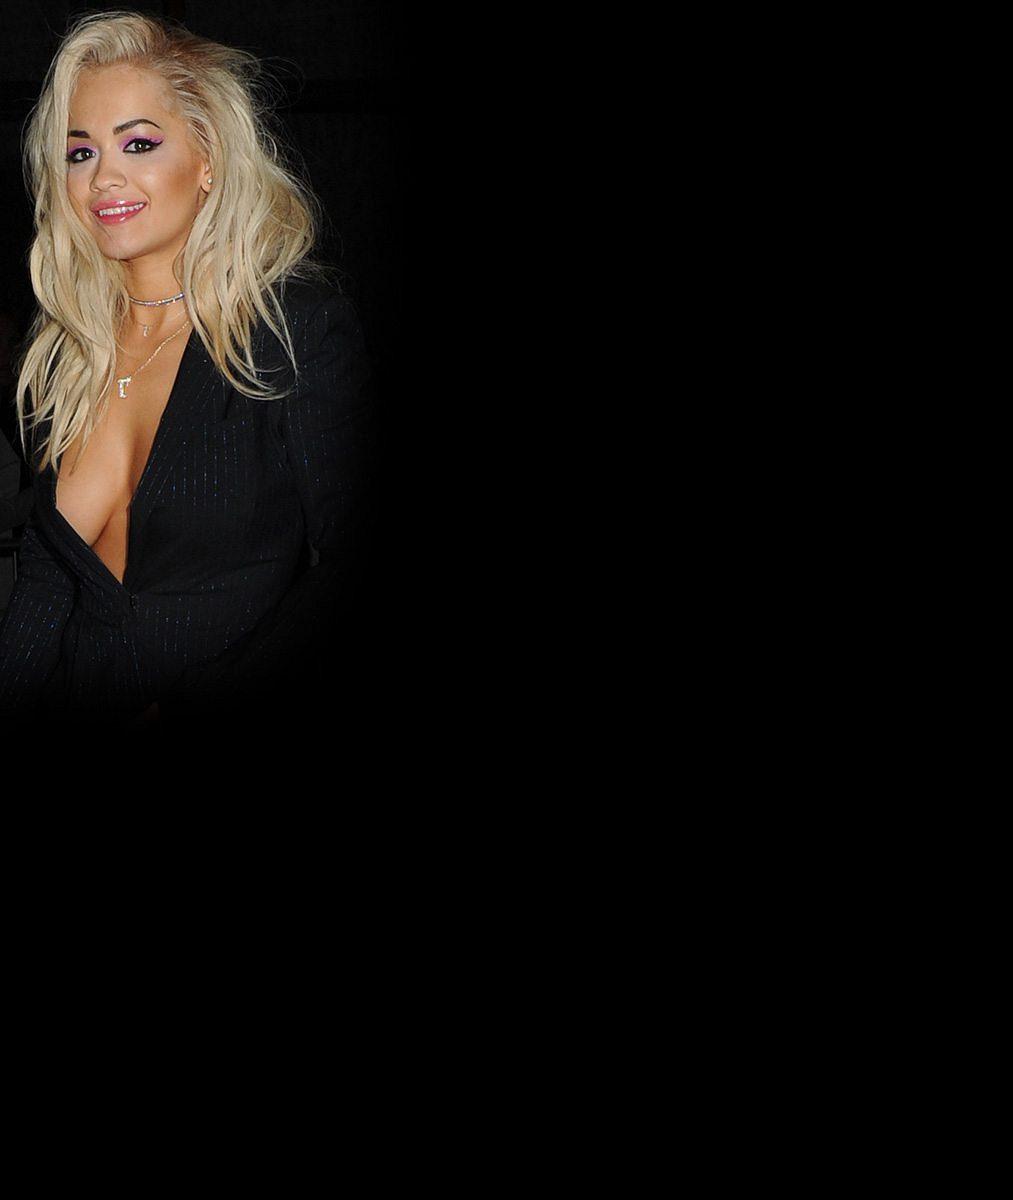 Jsou jako u nás Petra Faltýnová: Aniston, Rihanna i Lady Gaga se producírují na veřejnosti bez podprsenky